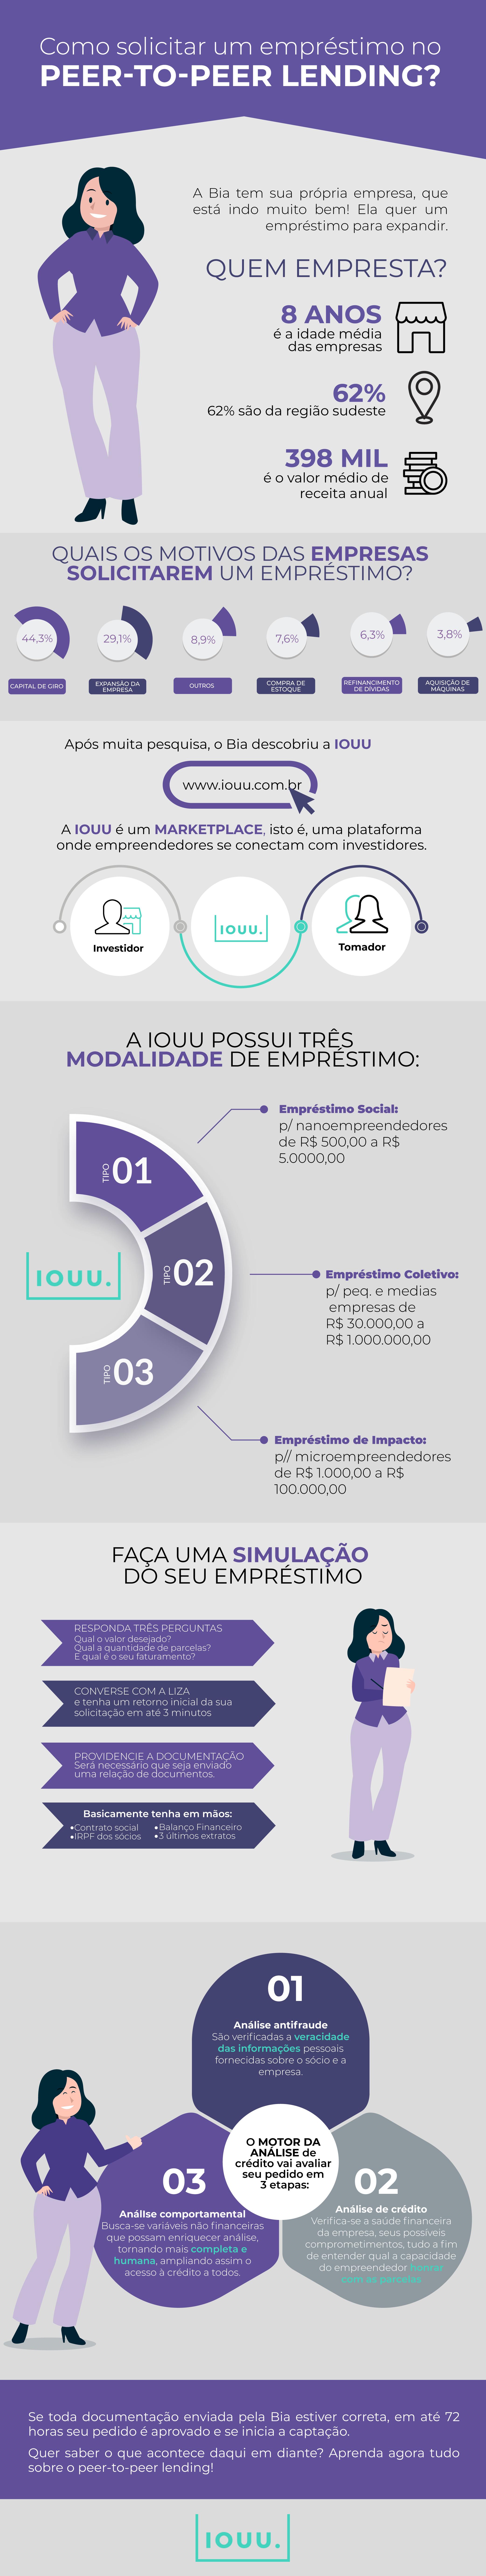 peer to peer lending no brasil